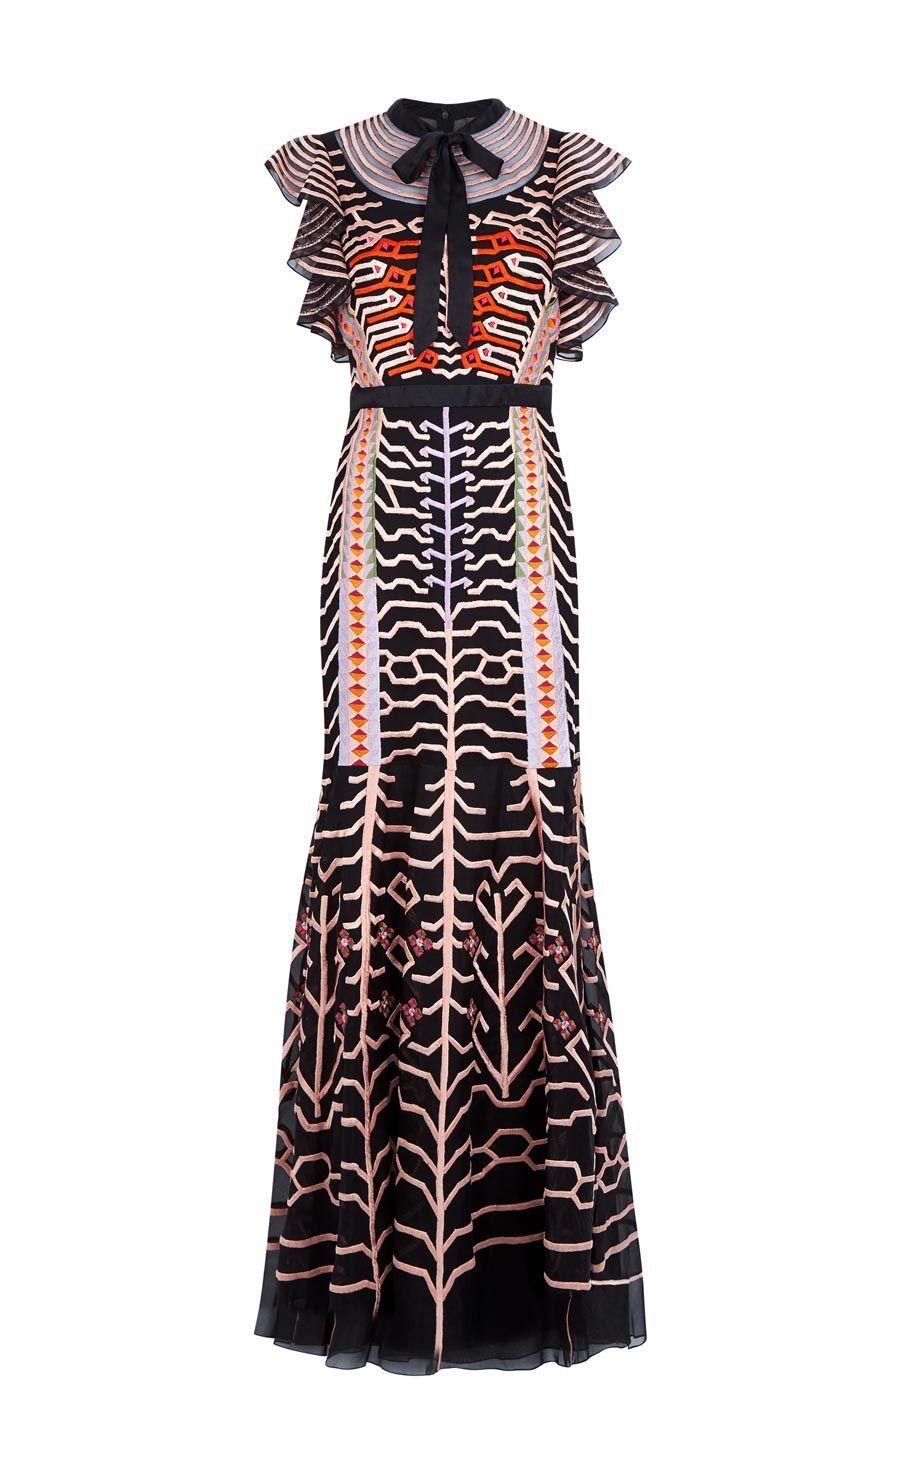 1551306123-18aoas52576bl-canopy-evening-dress-a-1551306097.jpg